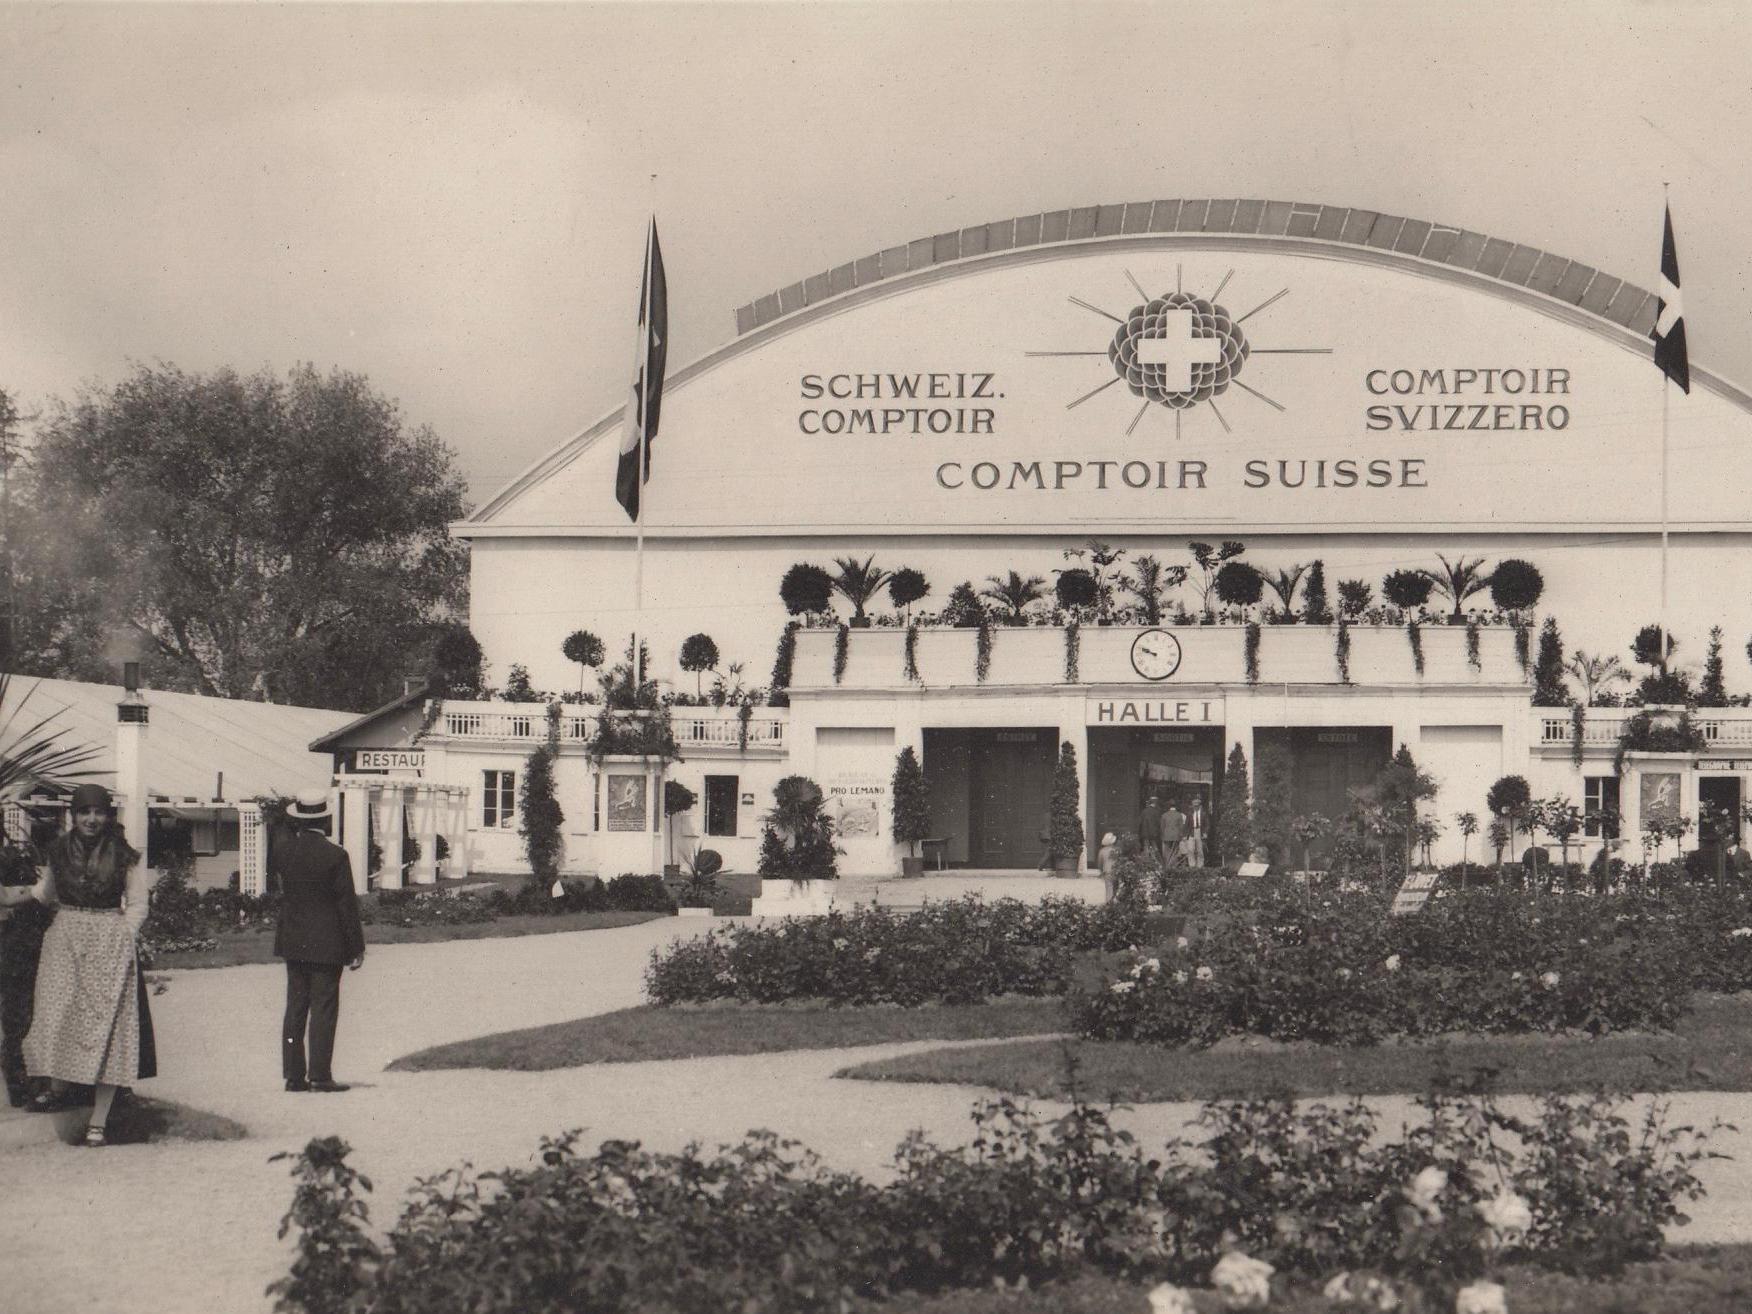 100 ans de Comptoir Suisse sous l'œil de trois chercheur·e·s de l'UNIL